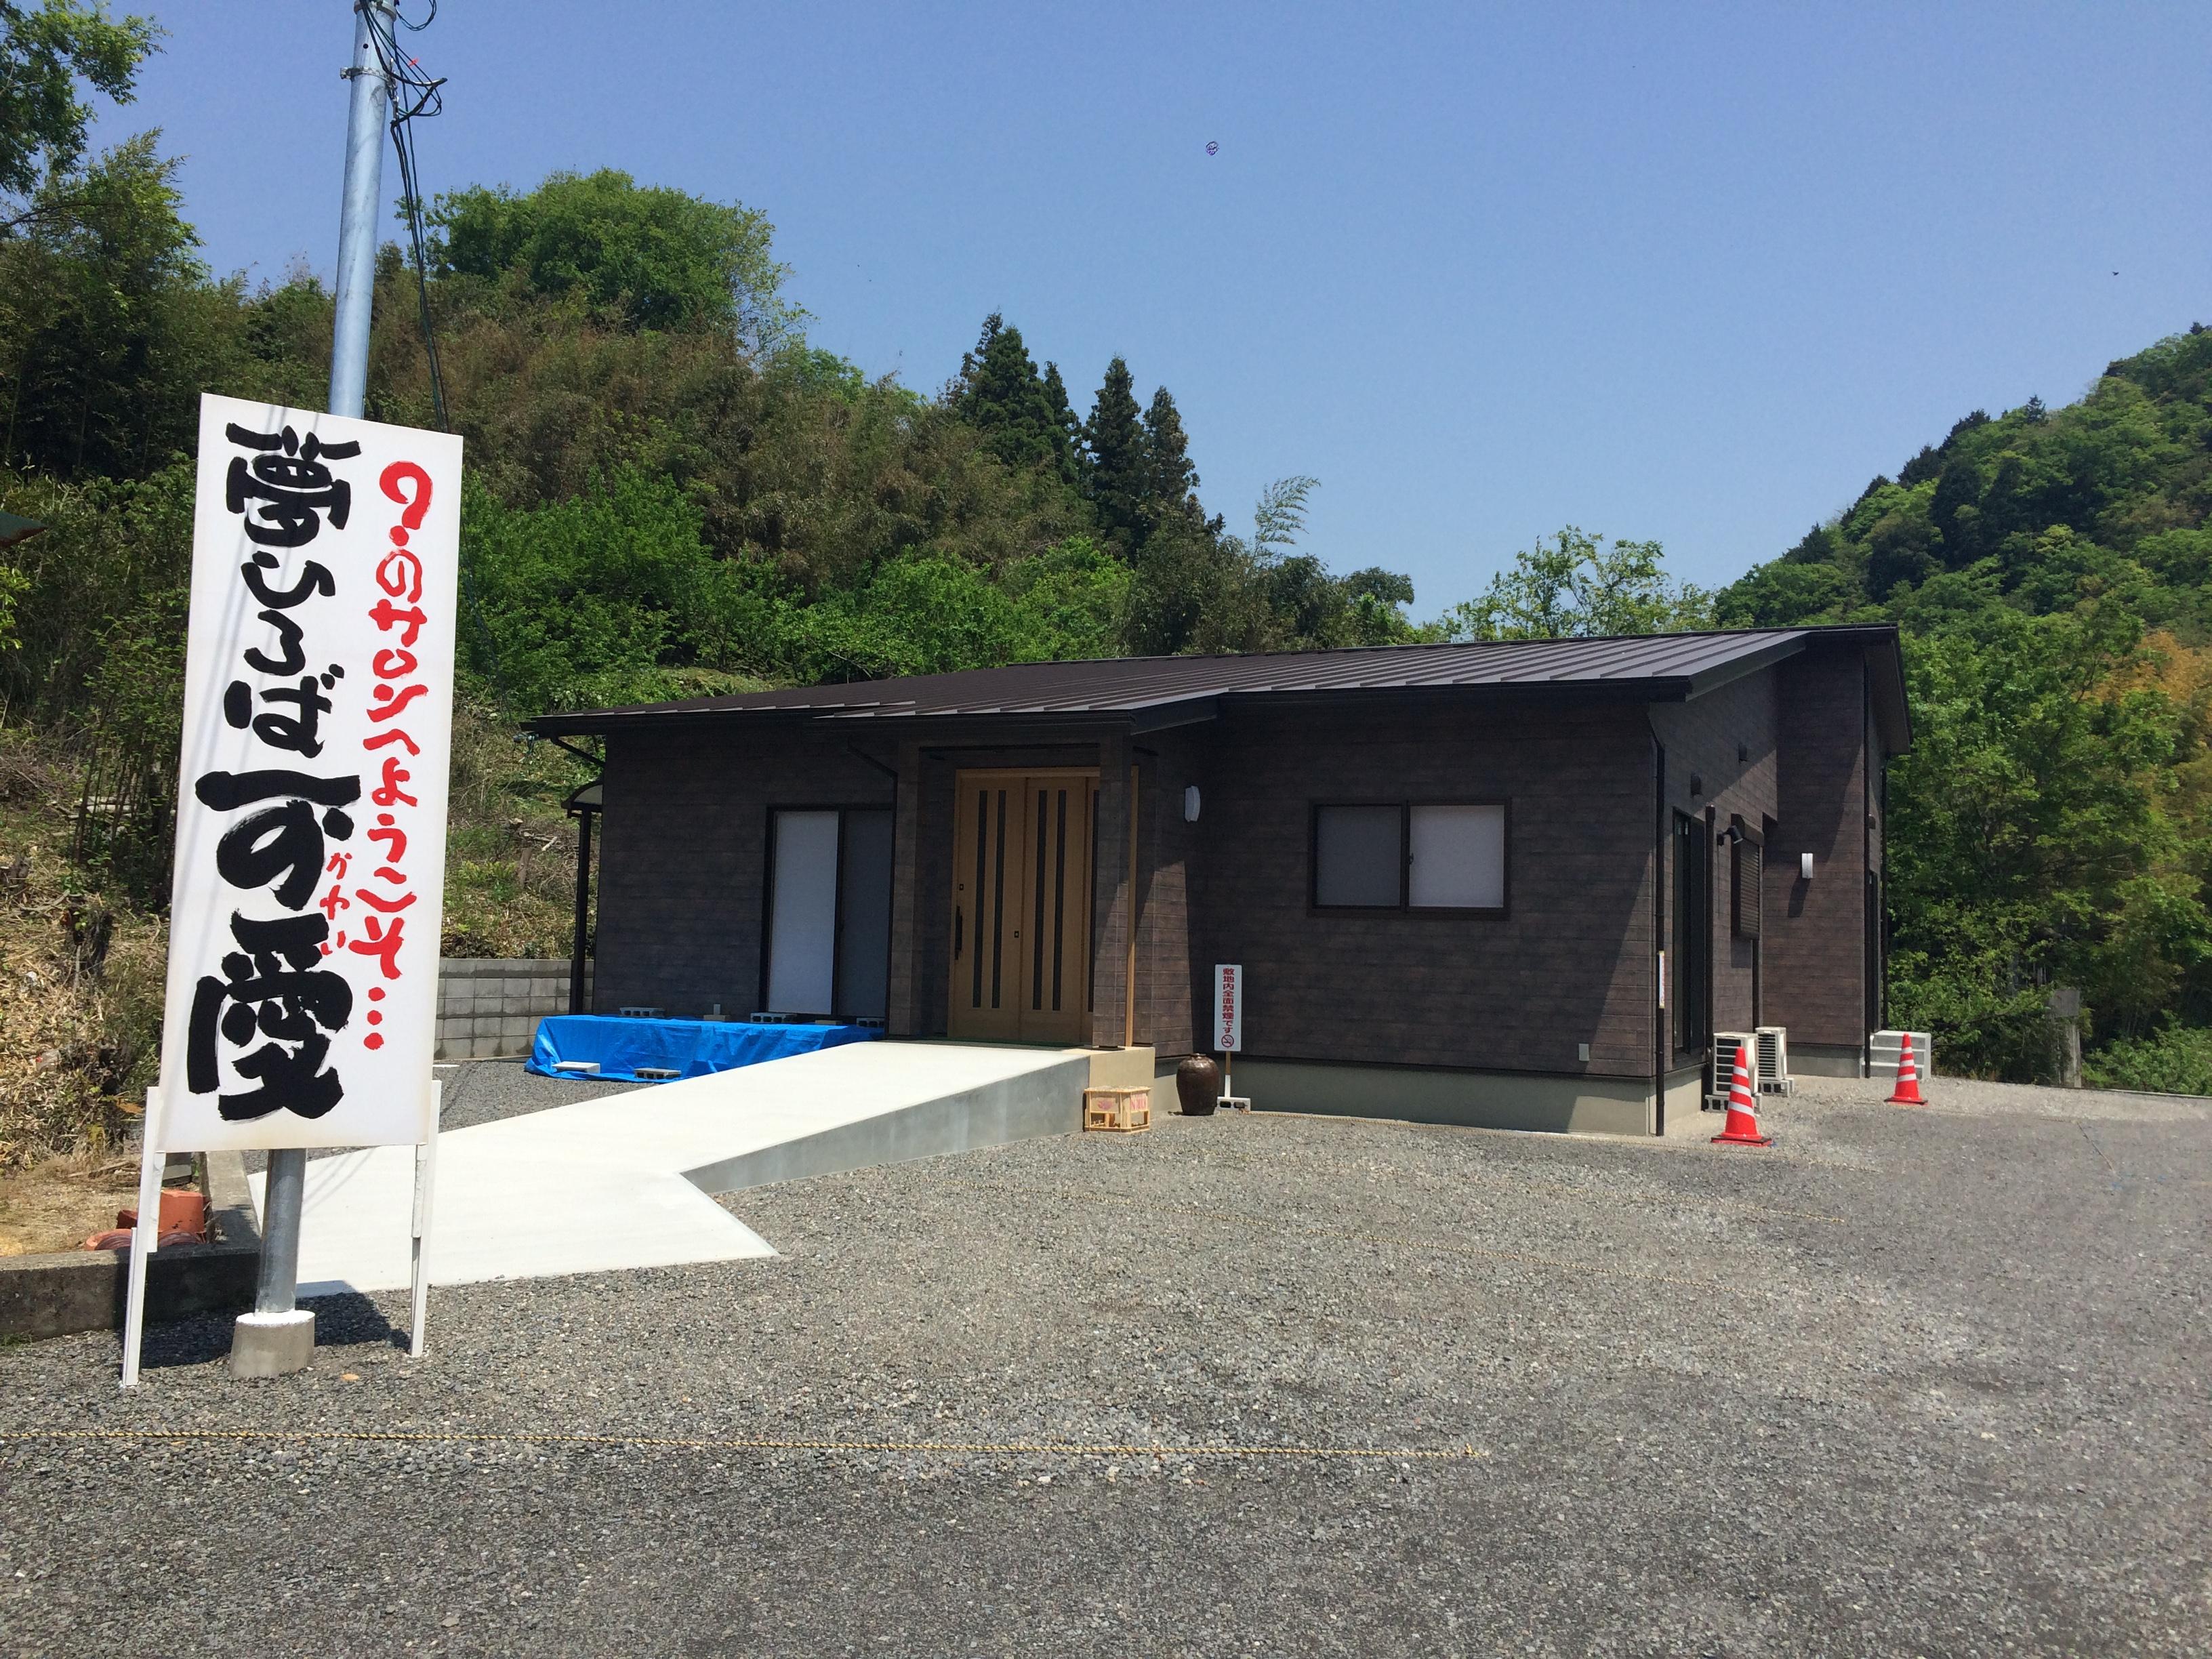 【新規オープン】地域外からも参加可能!砥部町川井にできた「夢ひろば可愛(かわい)」のオープンイベントに参加してきたよ!